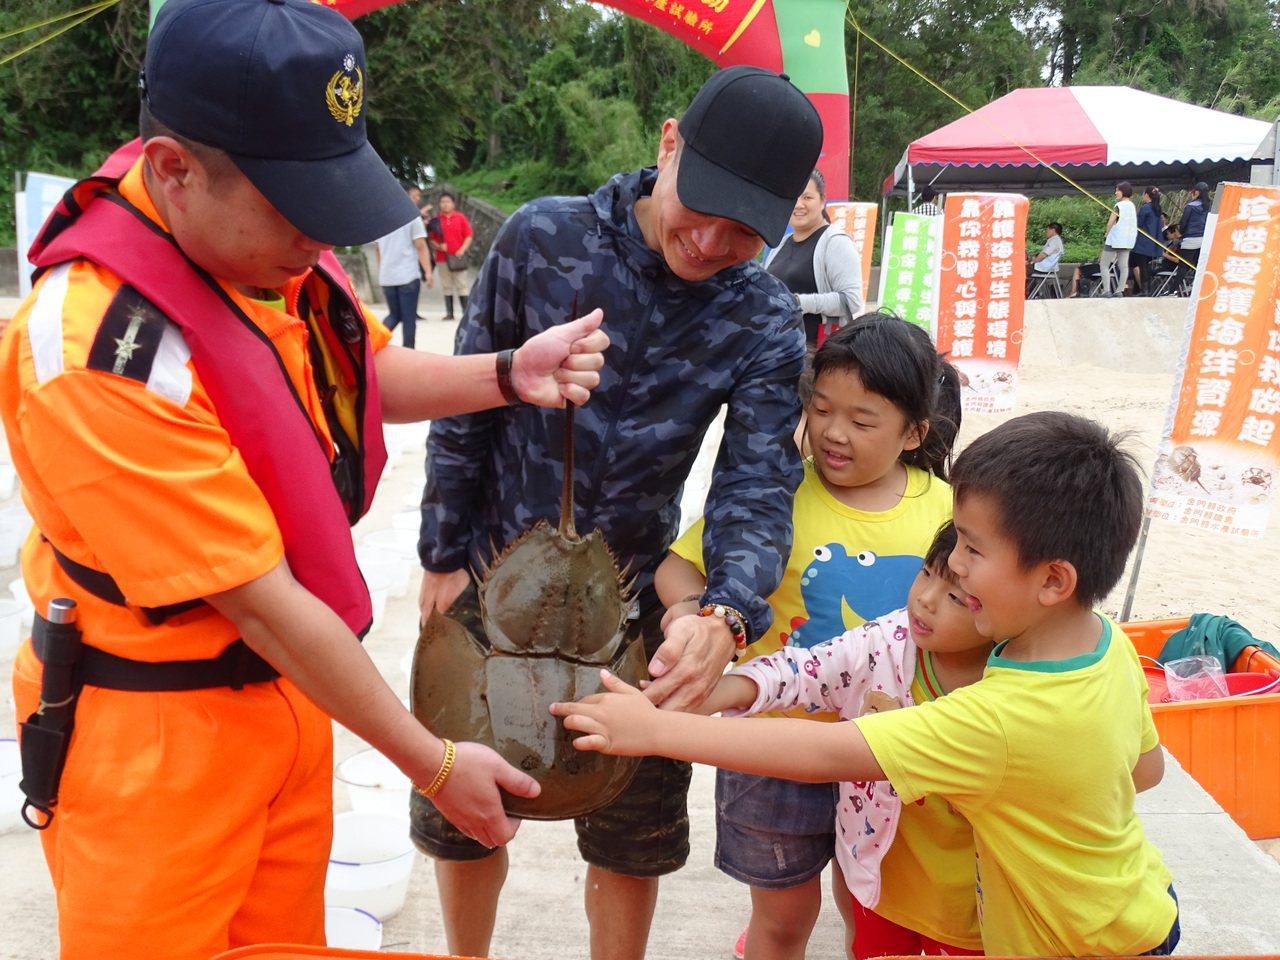 岸巡人員捉著成鱟跟小朋友解說,讓孩子們樂到不行。 記者蔡家蓁/攝影